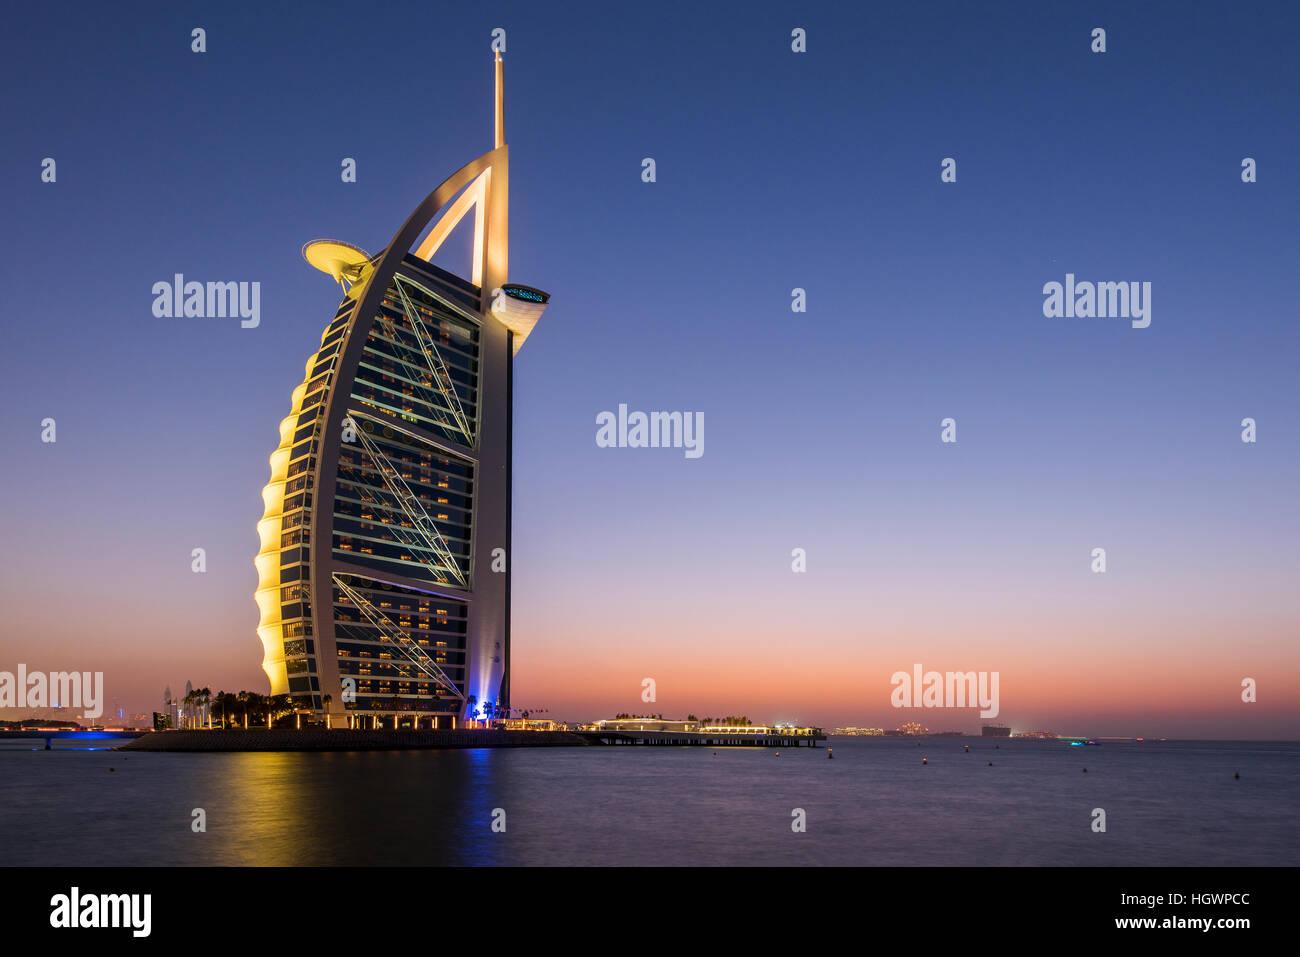 Luxus-Hotel Burj Al Arab in der Dämmerung, Dubai, Vereinigte Arabische Emirate Stockbild